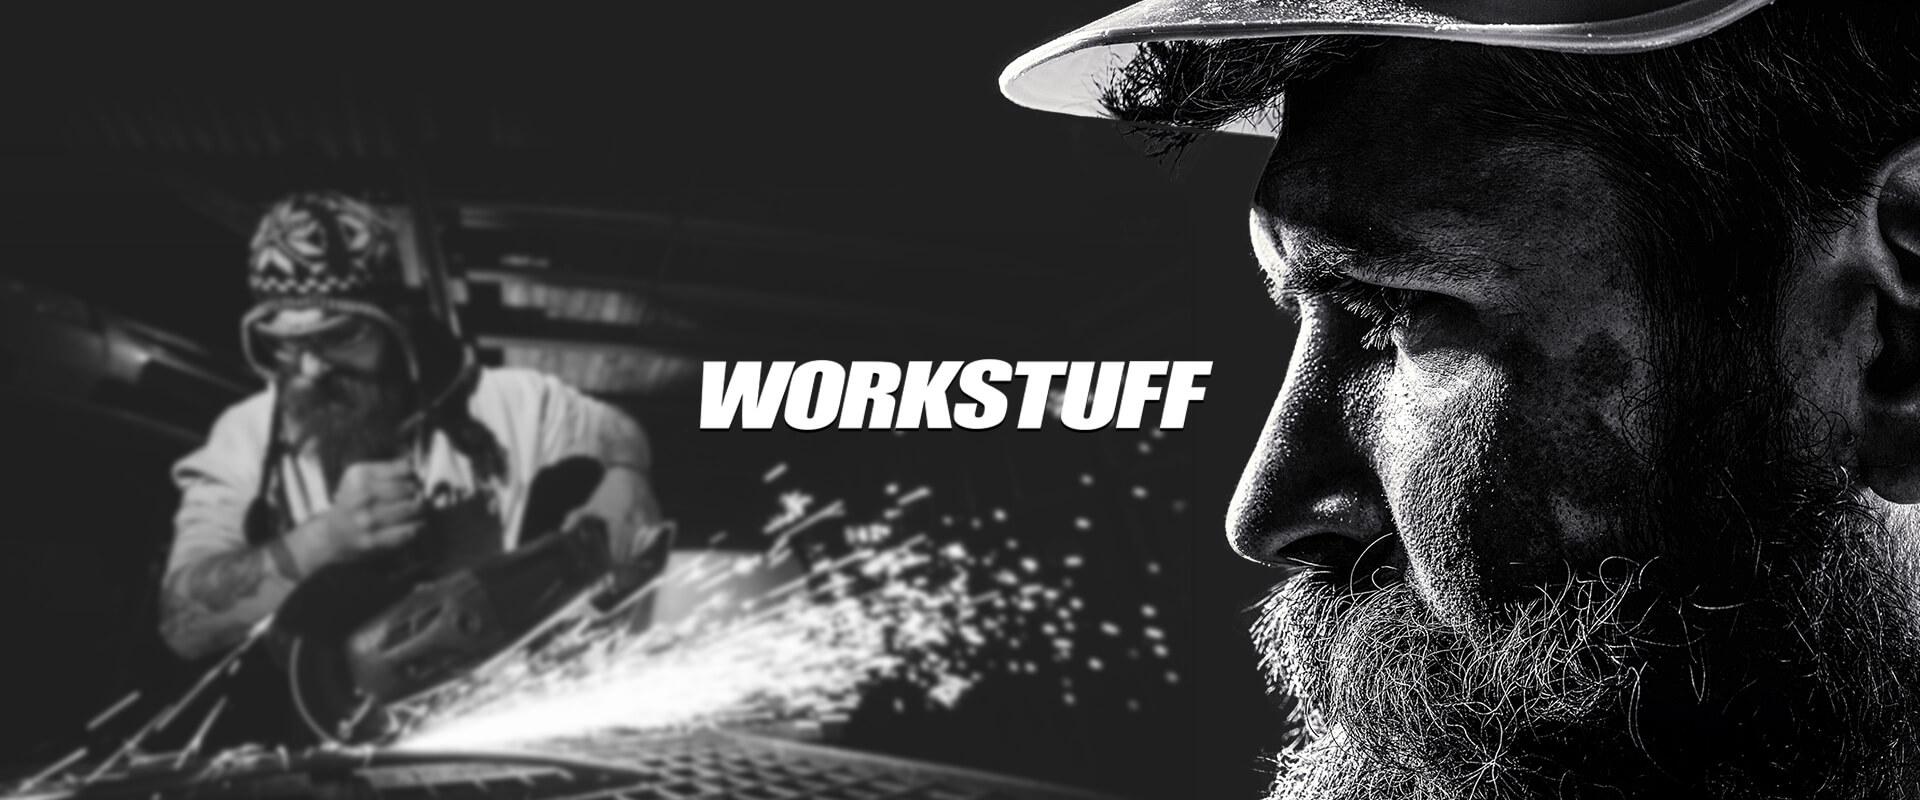 Workstuff - Ihr zuverlässiger Partner für Werkzeug & Zubehör